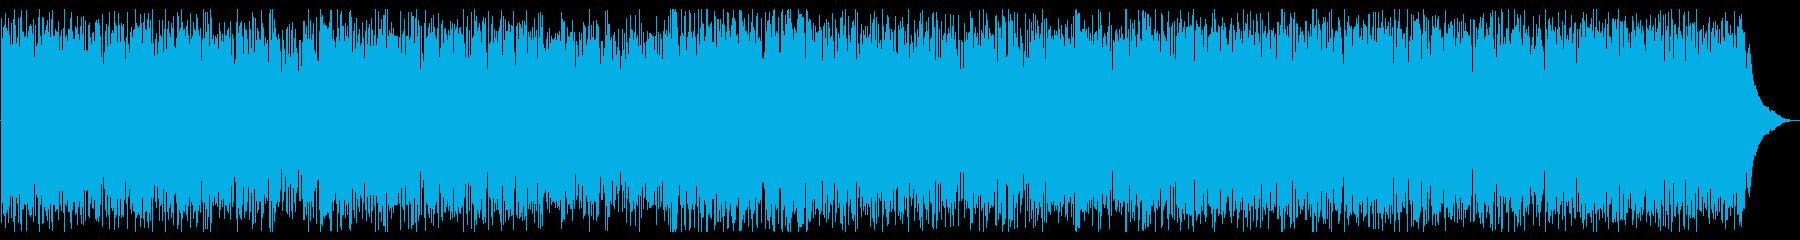 弾むようなムードのラテンジャズグル...の再生済みの波形